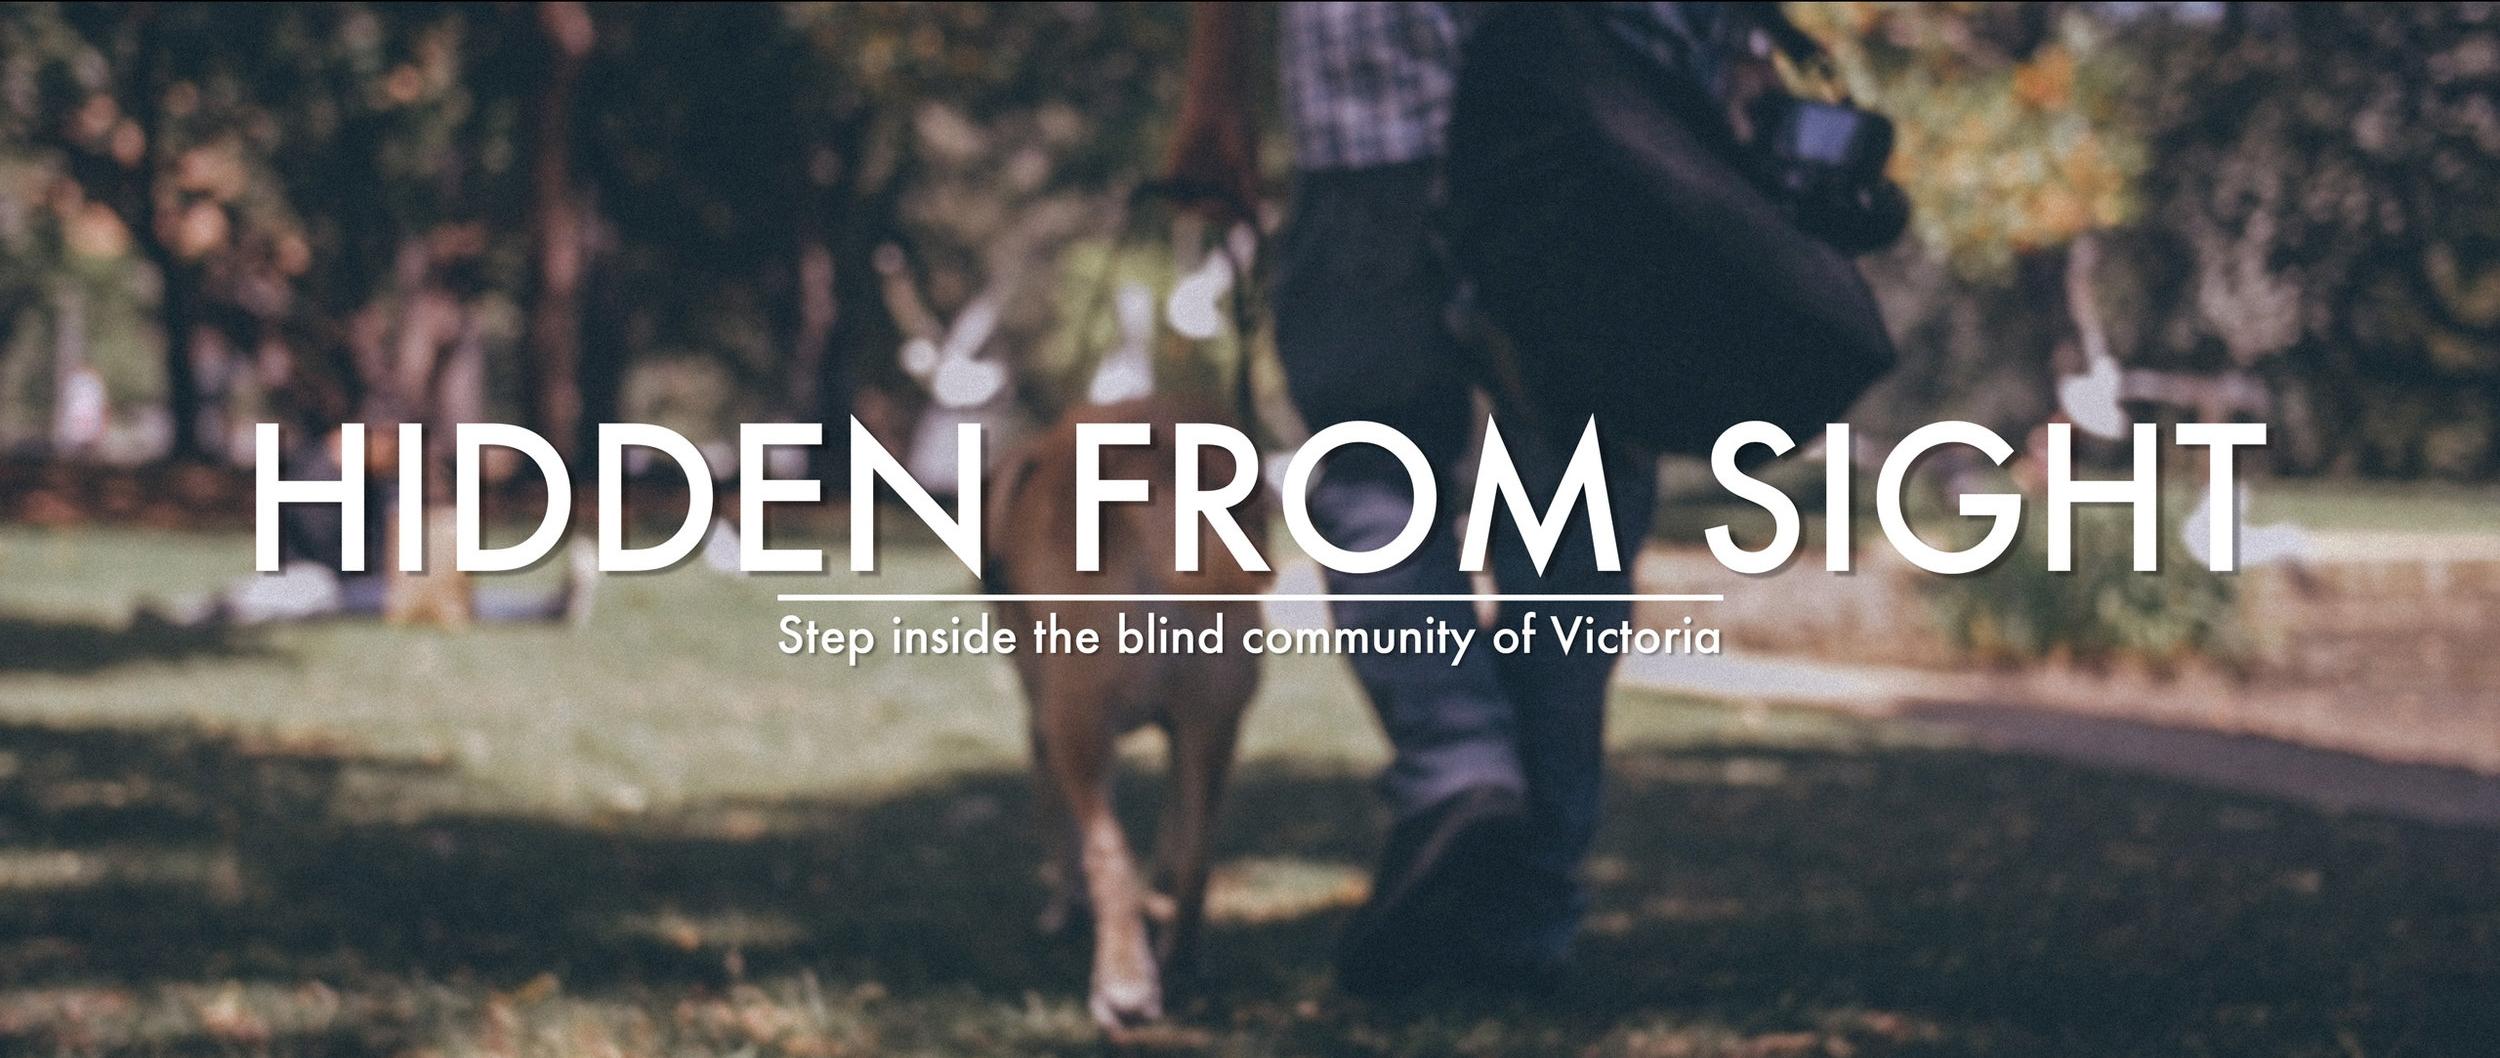 Hidden-from-sight.jpg